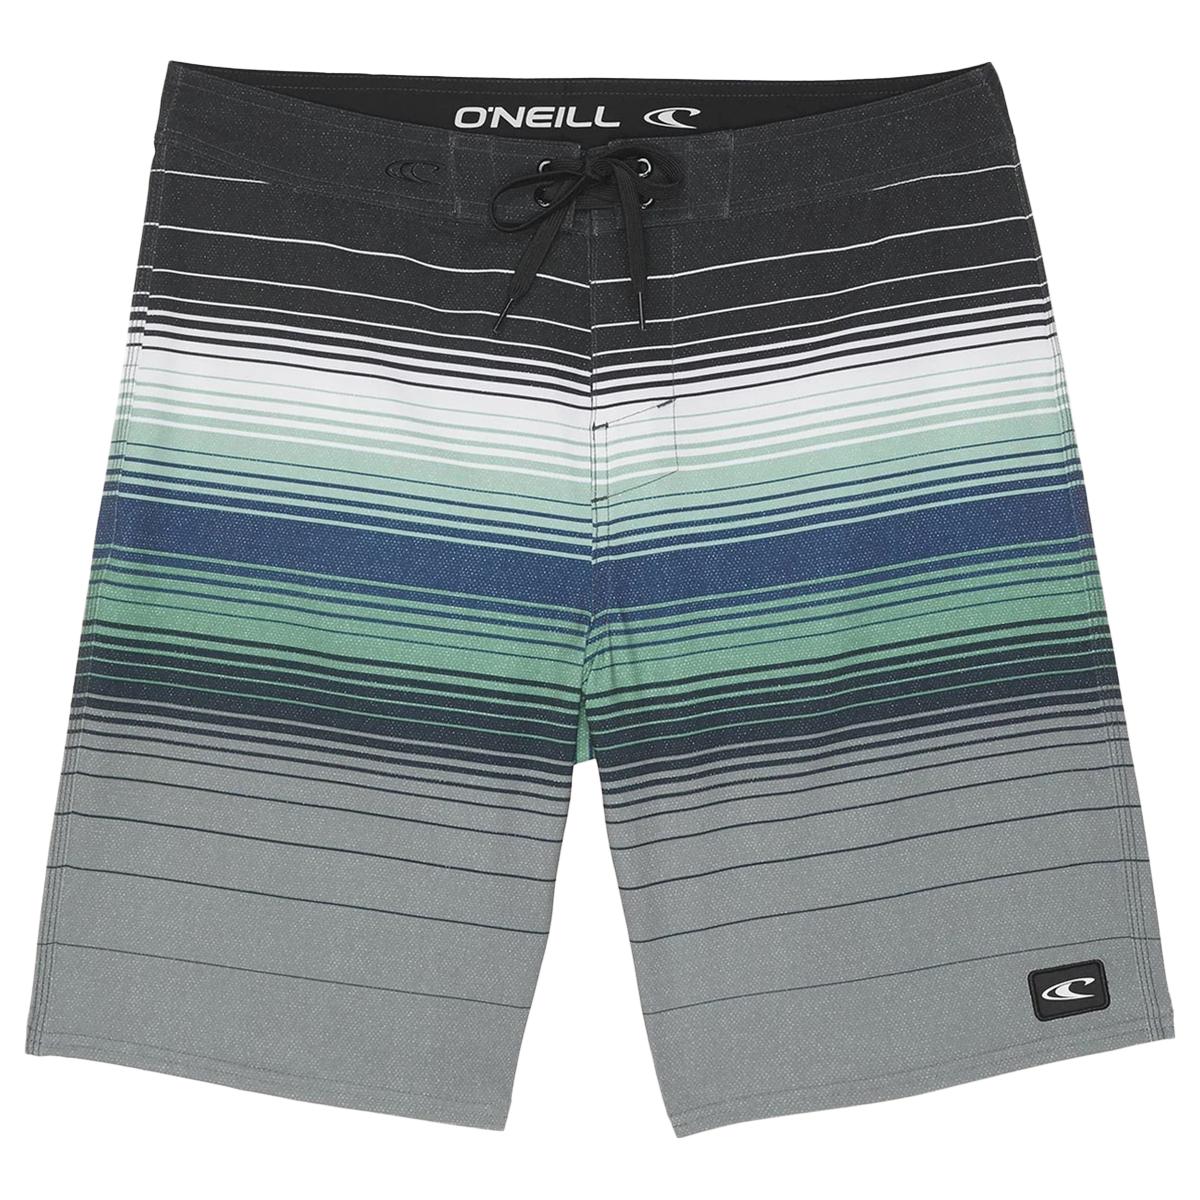 O'neill Men's Corban Boardshorts - Black, 30